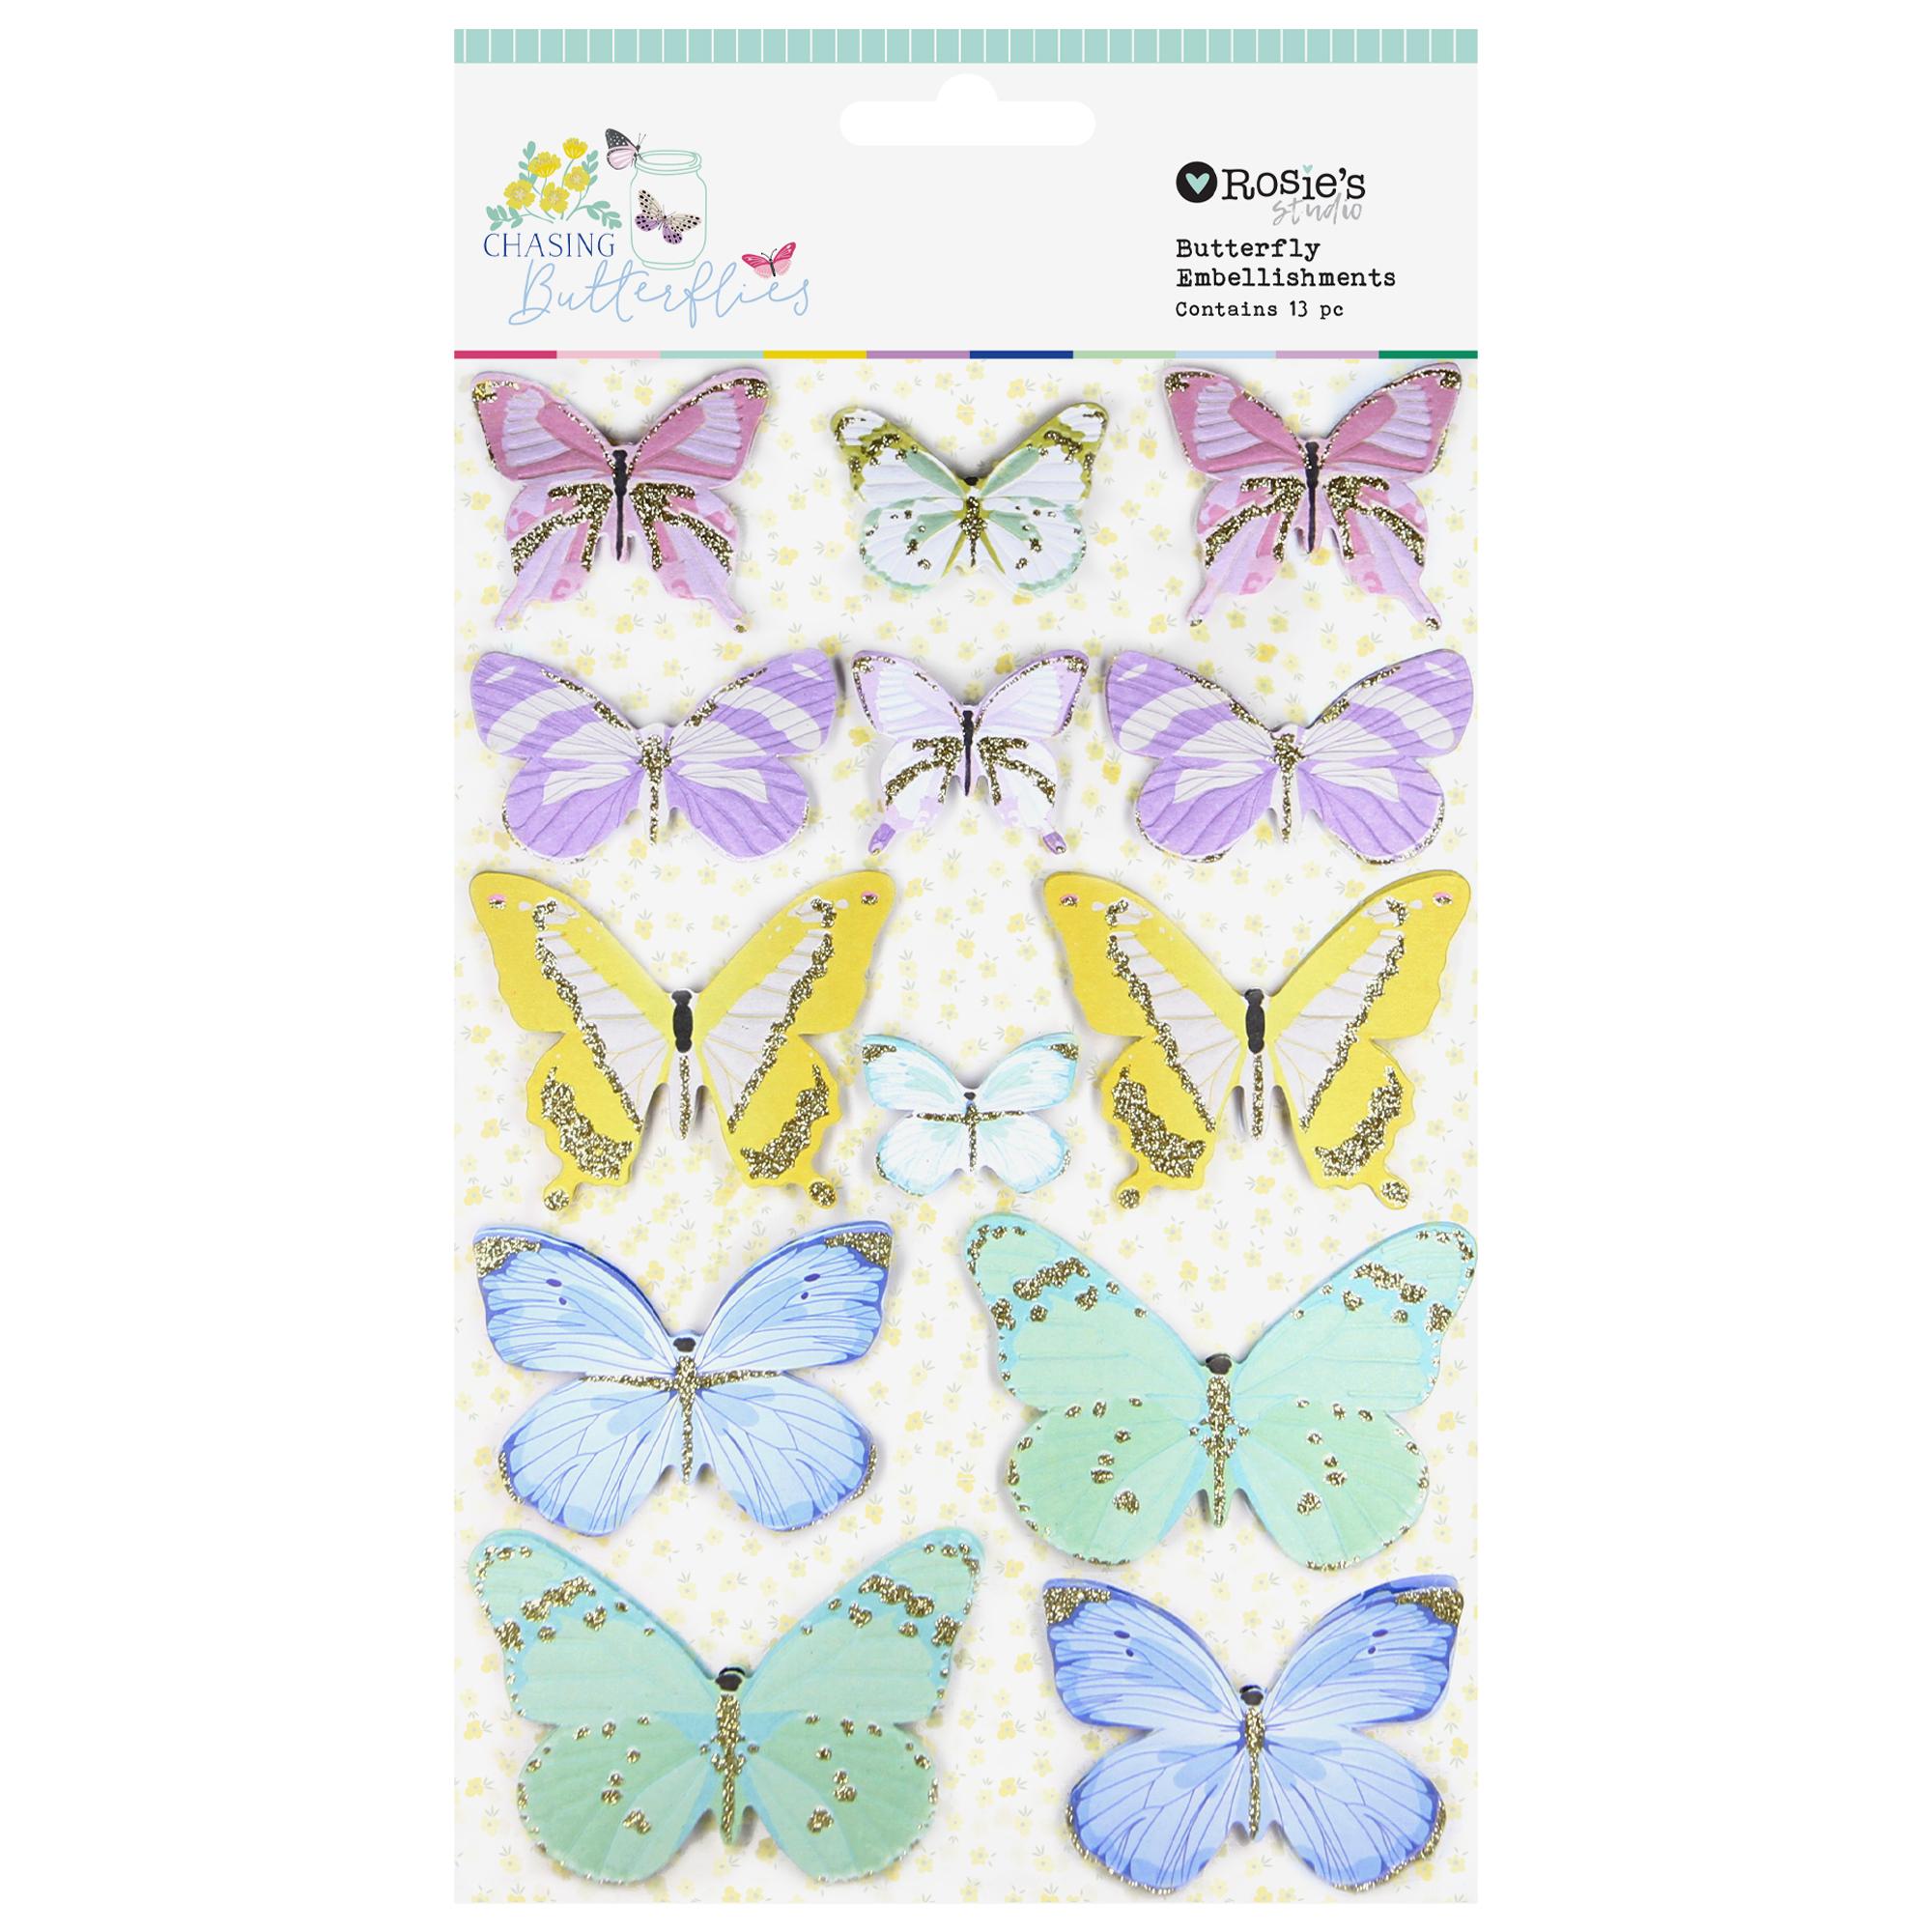 Mariposas Colección Chasing butterflies